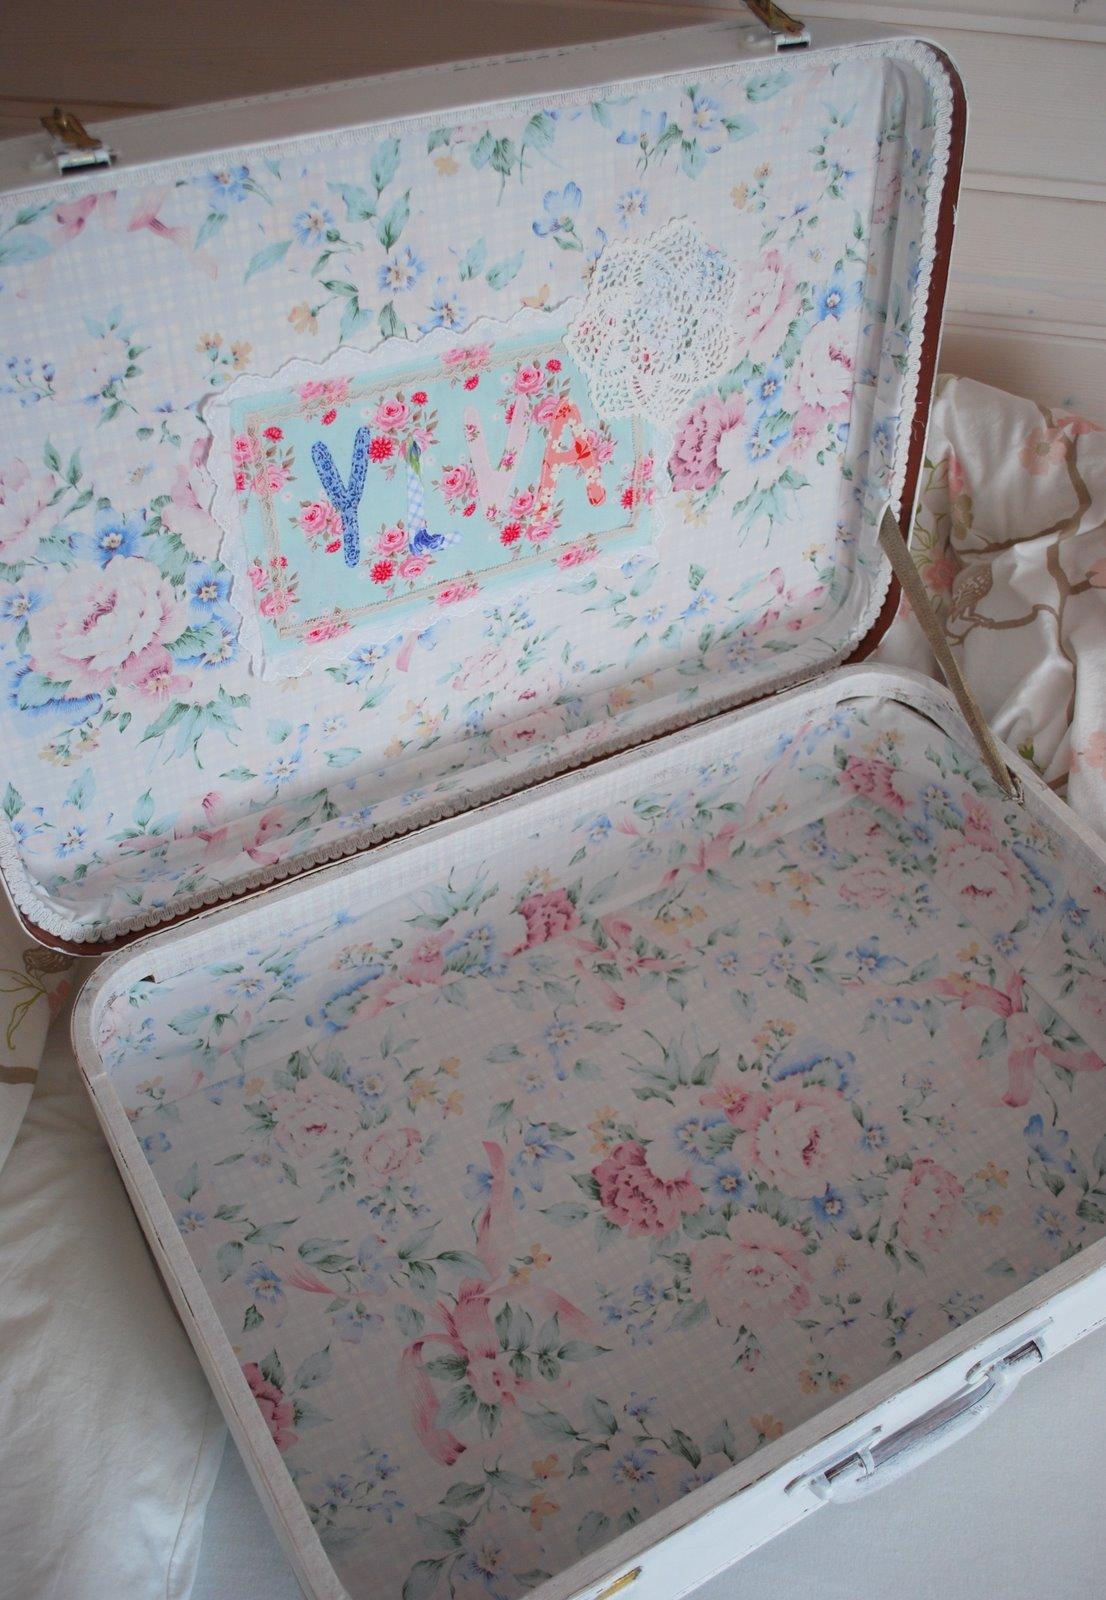 mamas kram alter koffer in neuem kleid. Black Bedroom Furniture Sets. Home Design Ideas